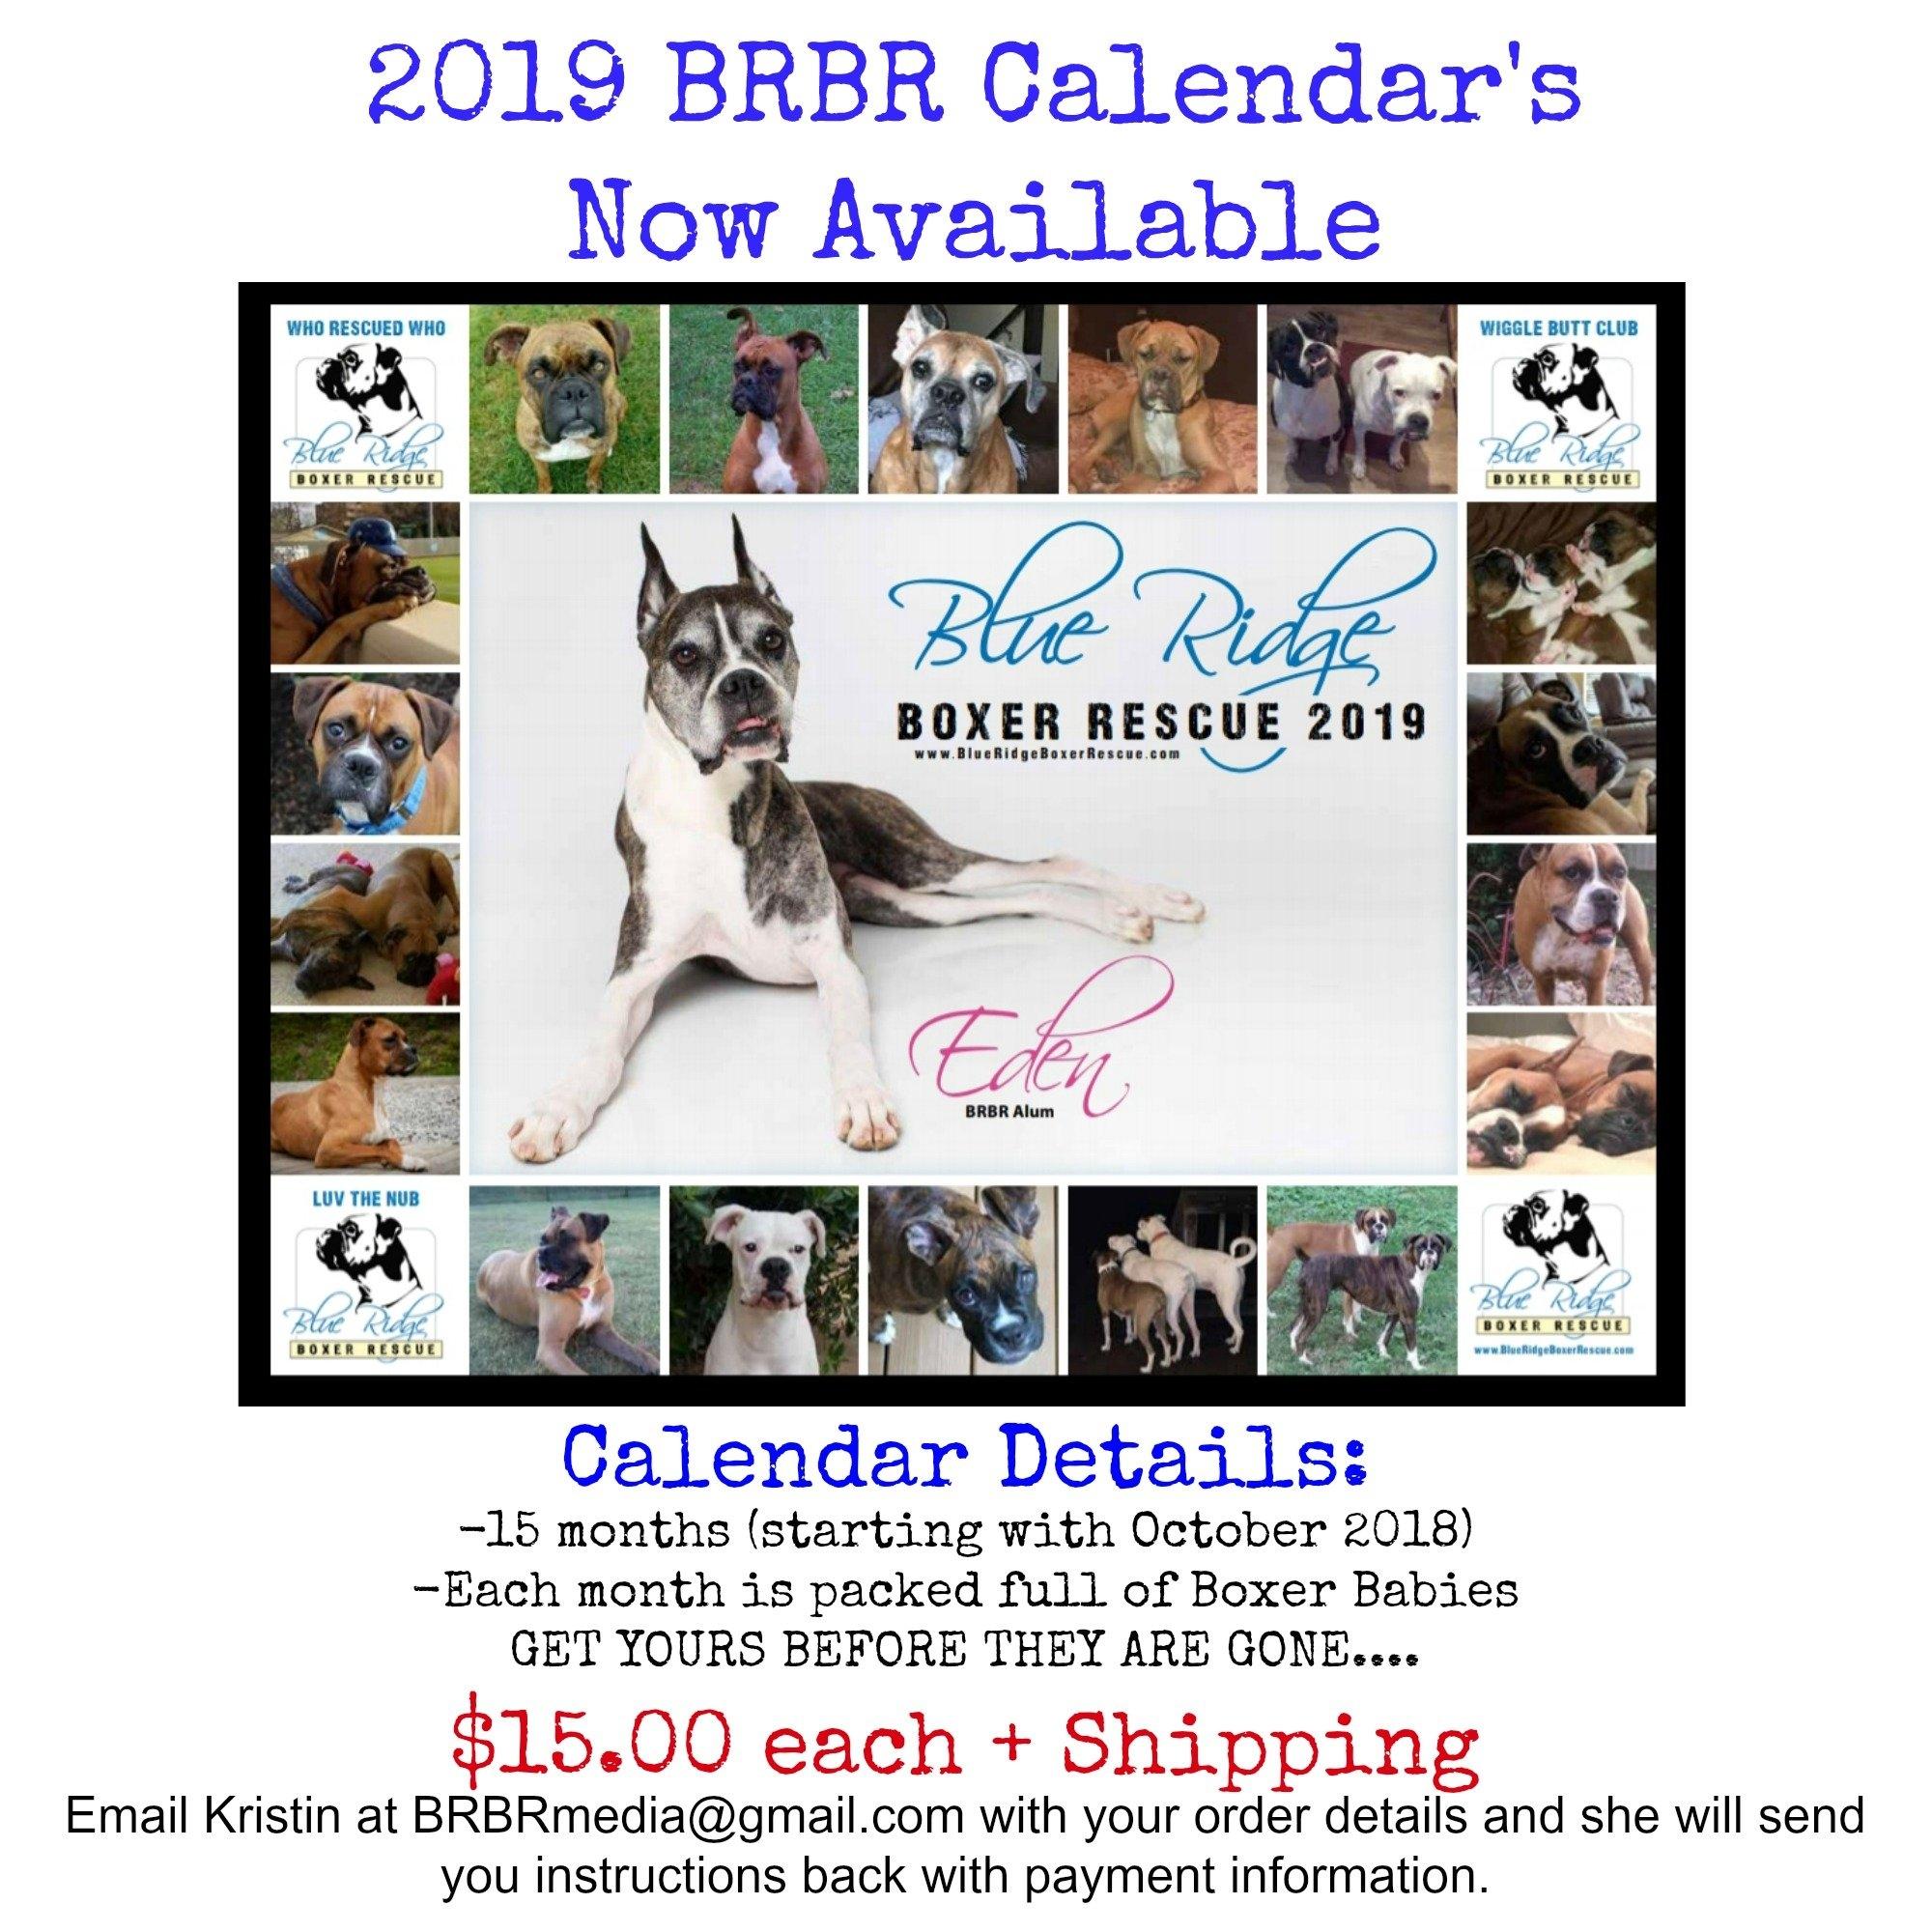 Purchase Your 2019 Calendar Today!! – Blue Ridge Boxer Rescue Calendar 2019 Purchase